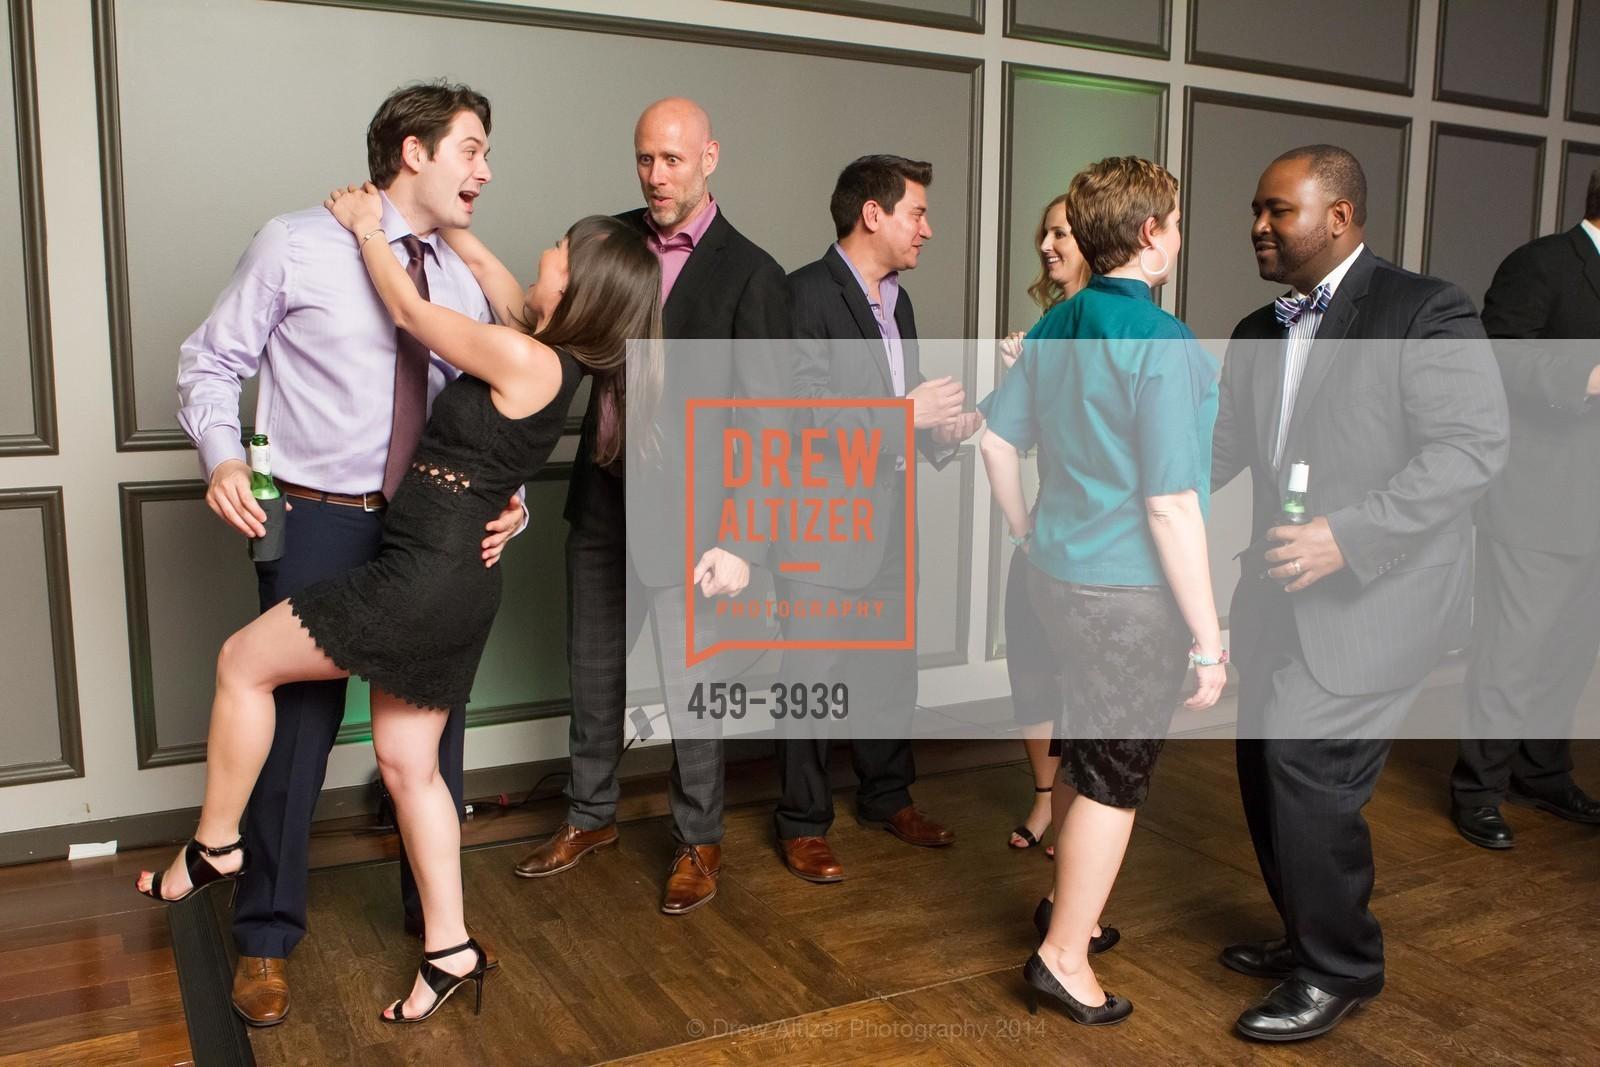 Dance Floor, Photo #459-3939